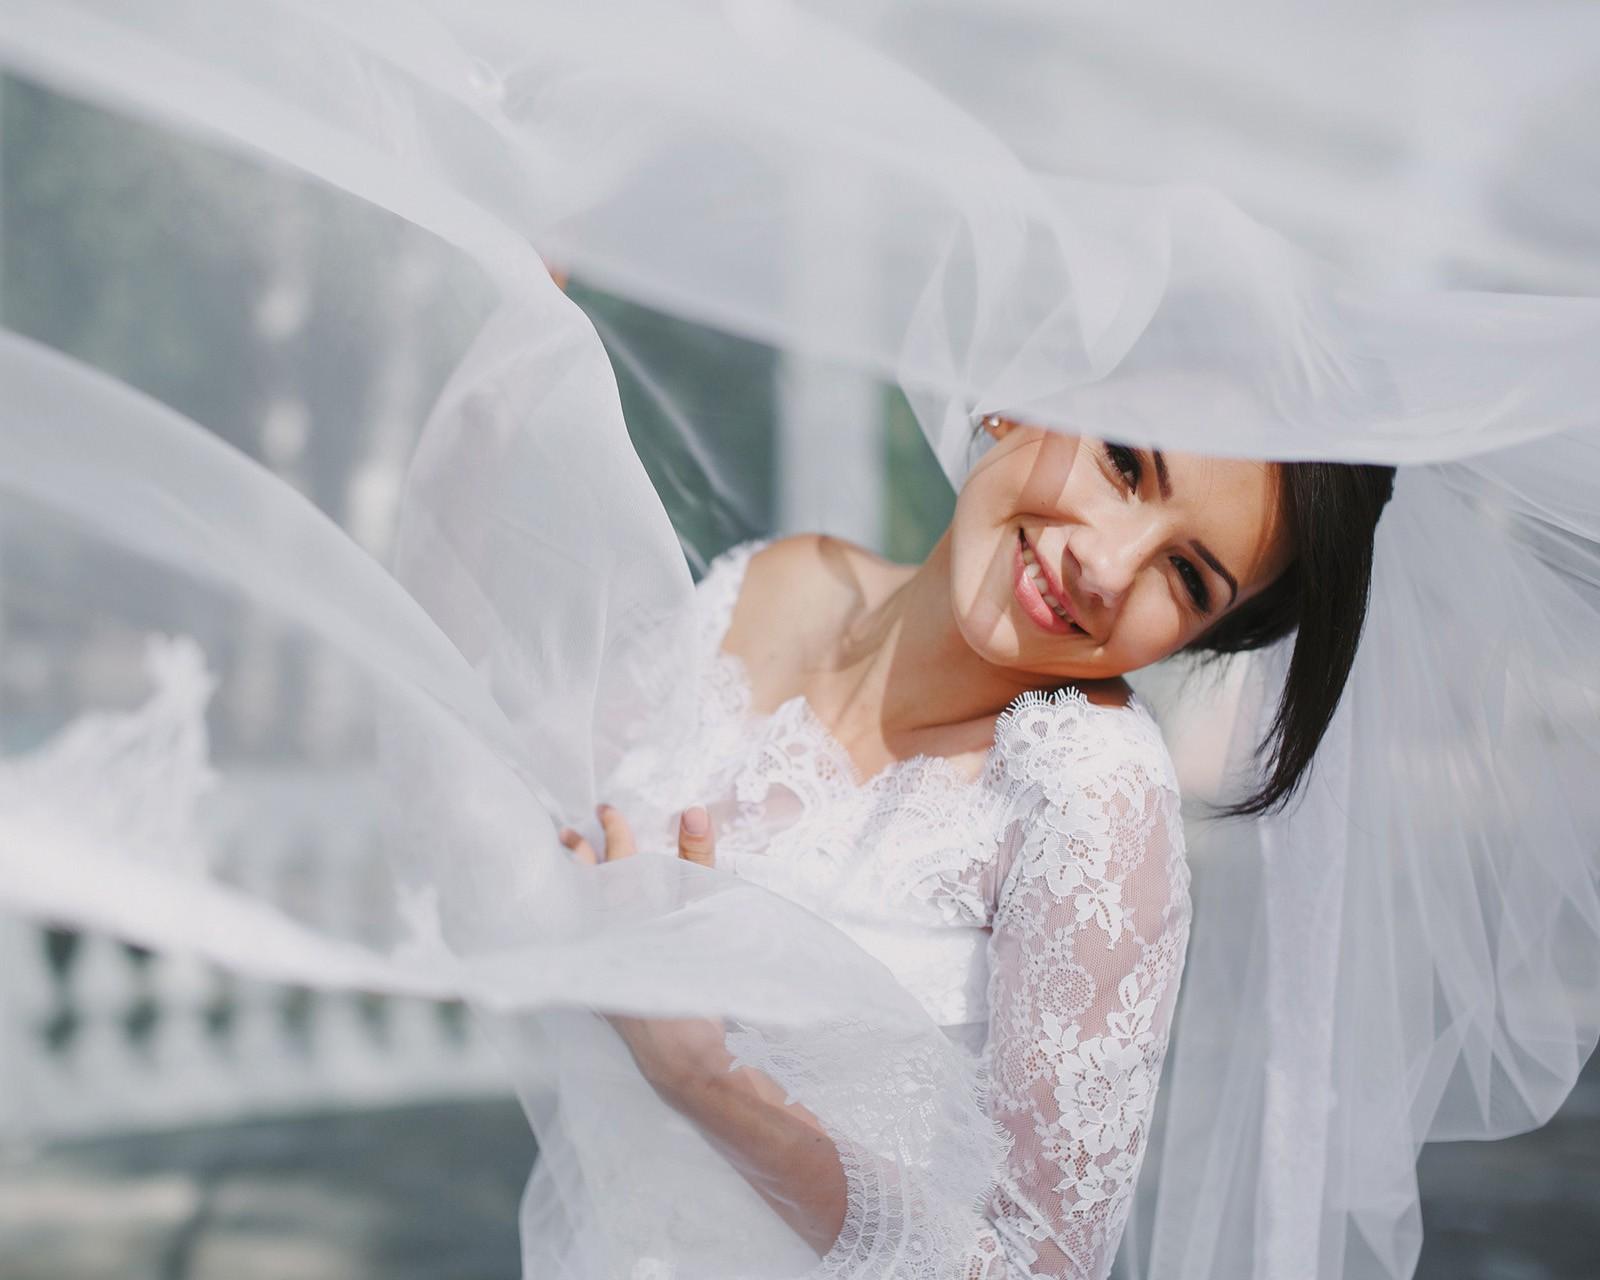 婚礼遇到马拉松,安保禁止新人过马路,最后行动感动了所有人!